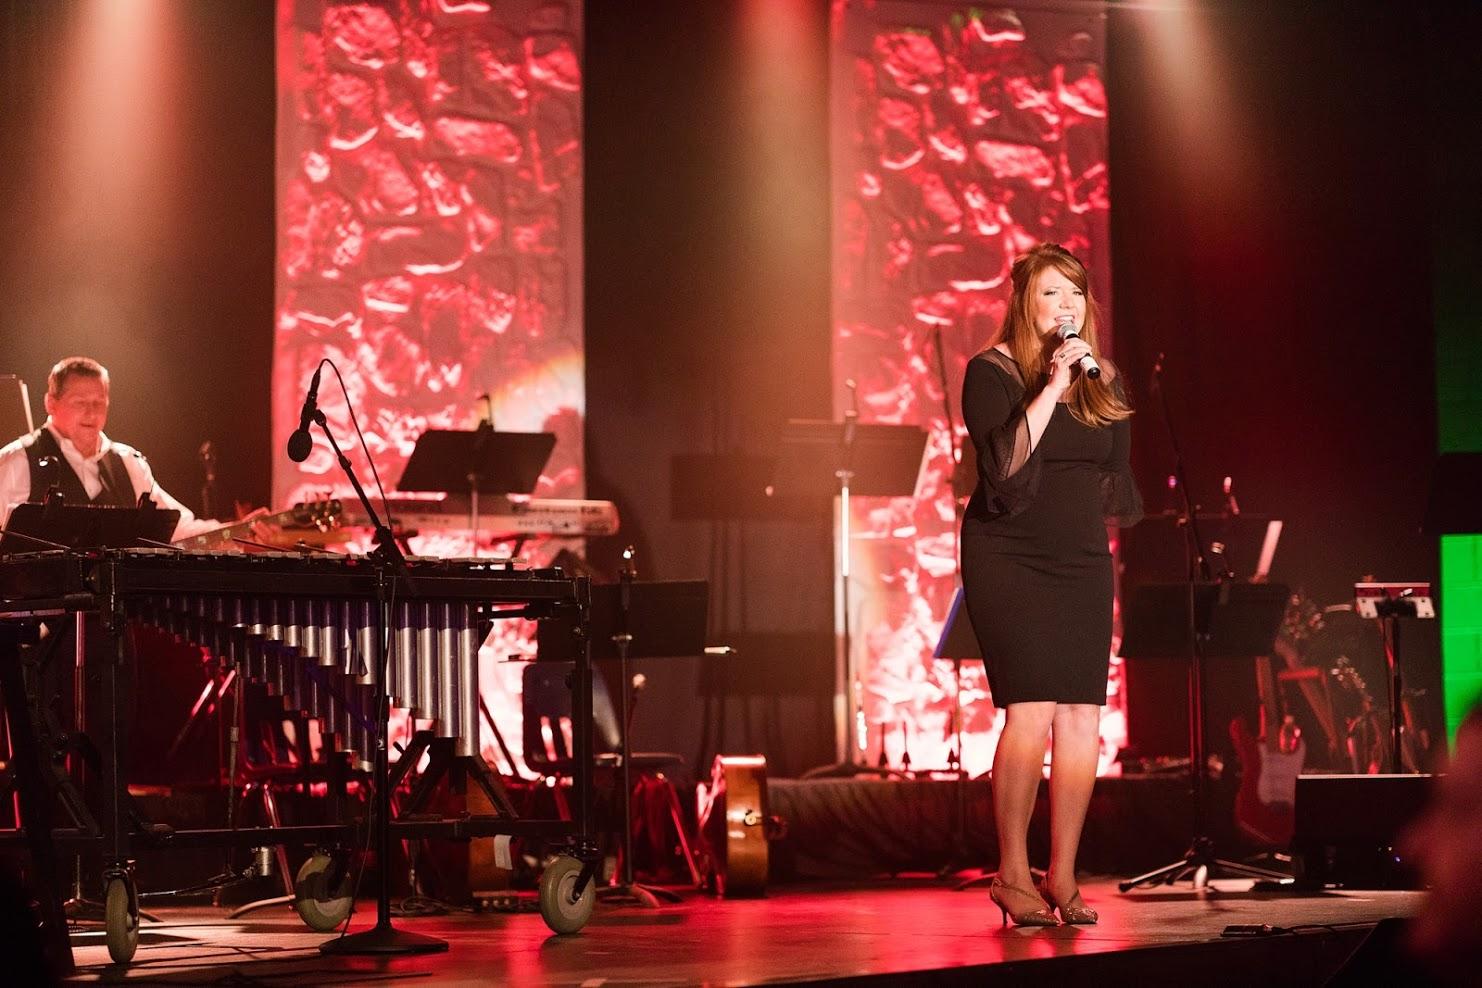 Richmond AV Company Gayton Jazz Nativity